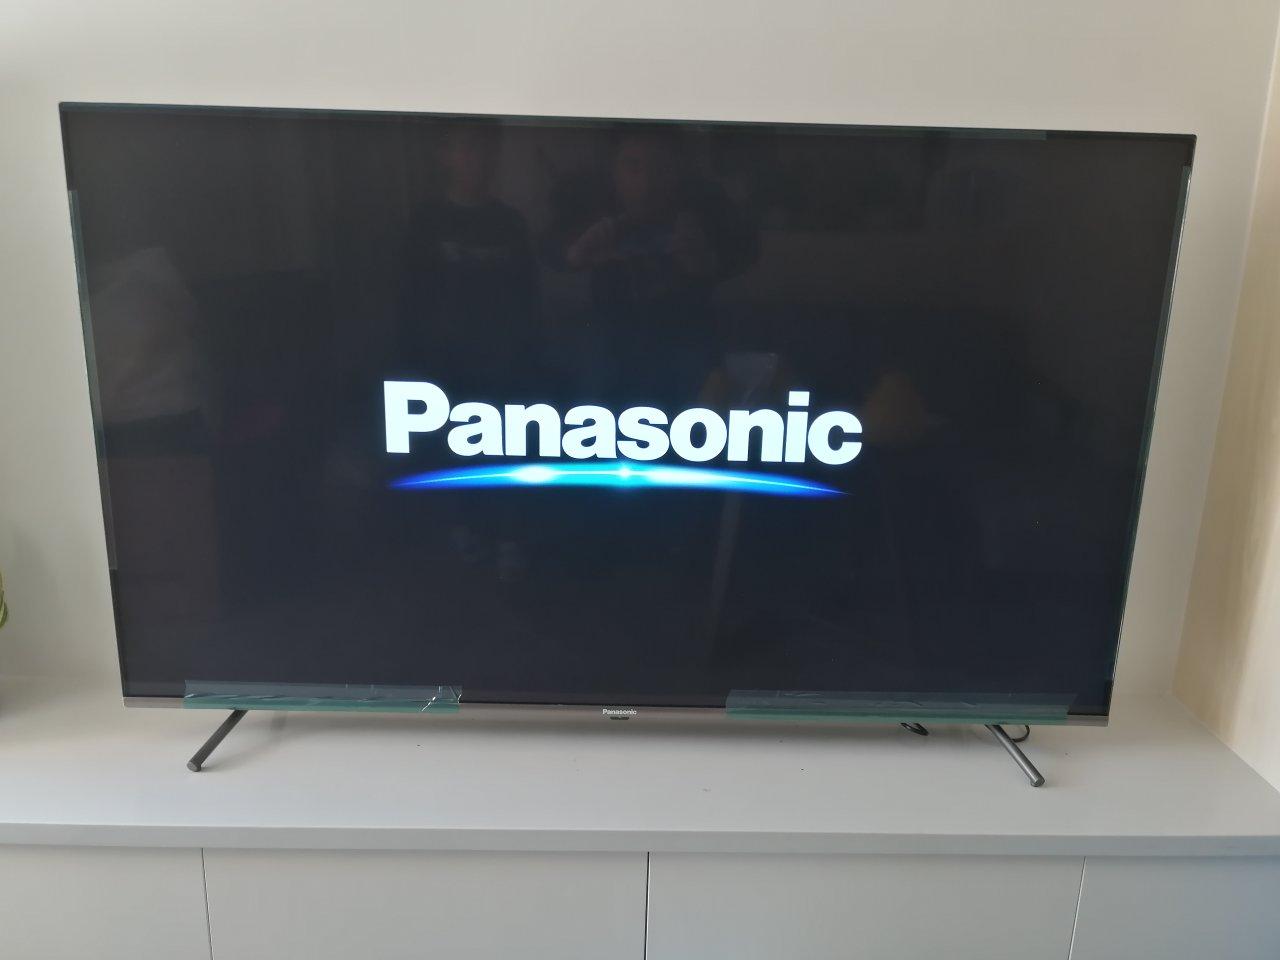 松下55英寸人工智能电视,高配置开机无广告